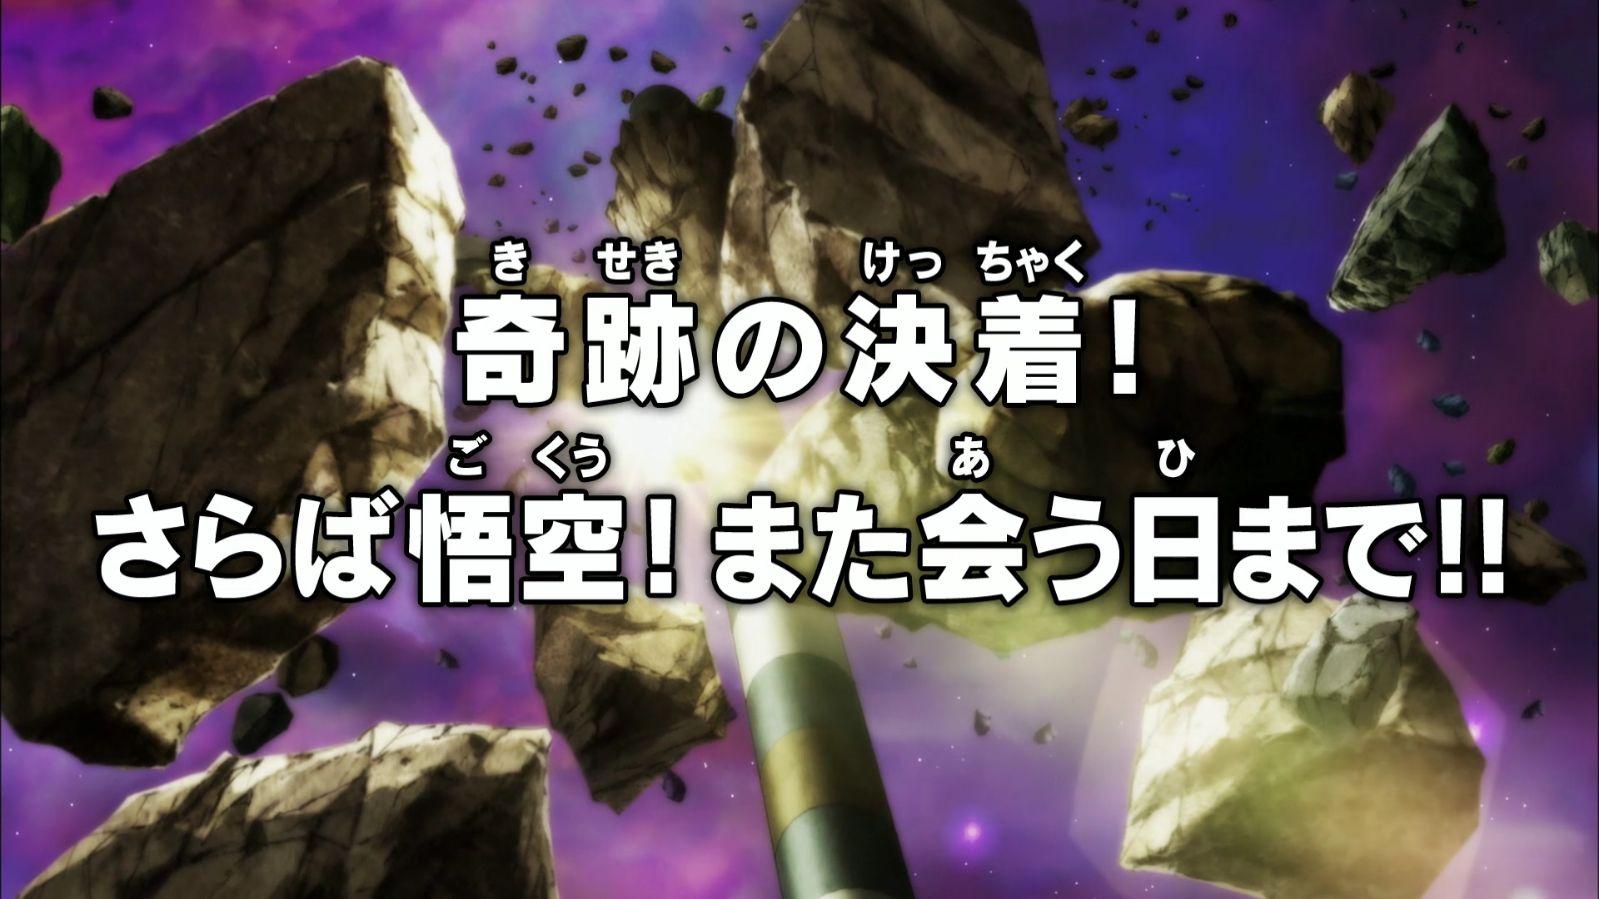 Dragon Ball Super análisis episodio 131